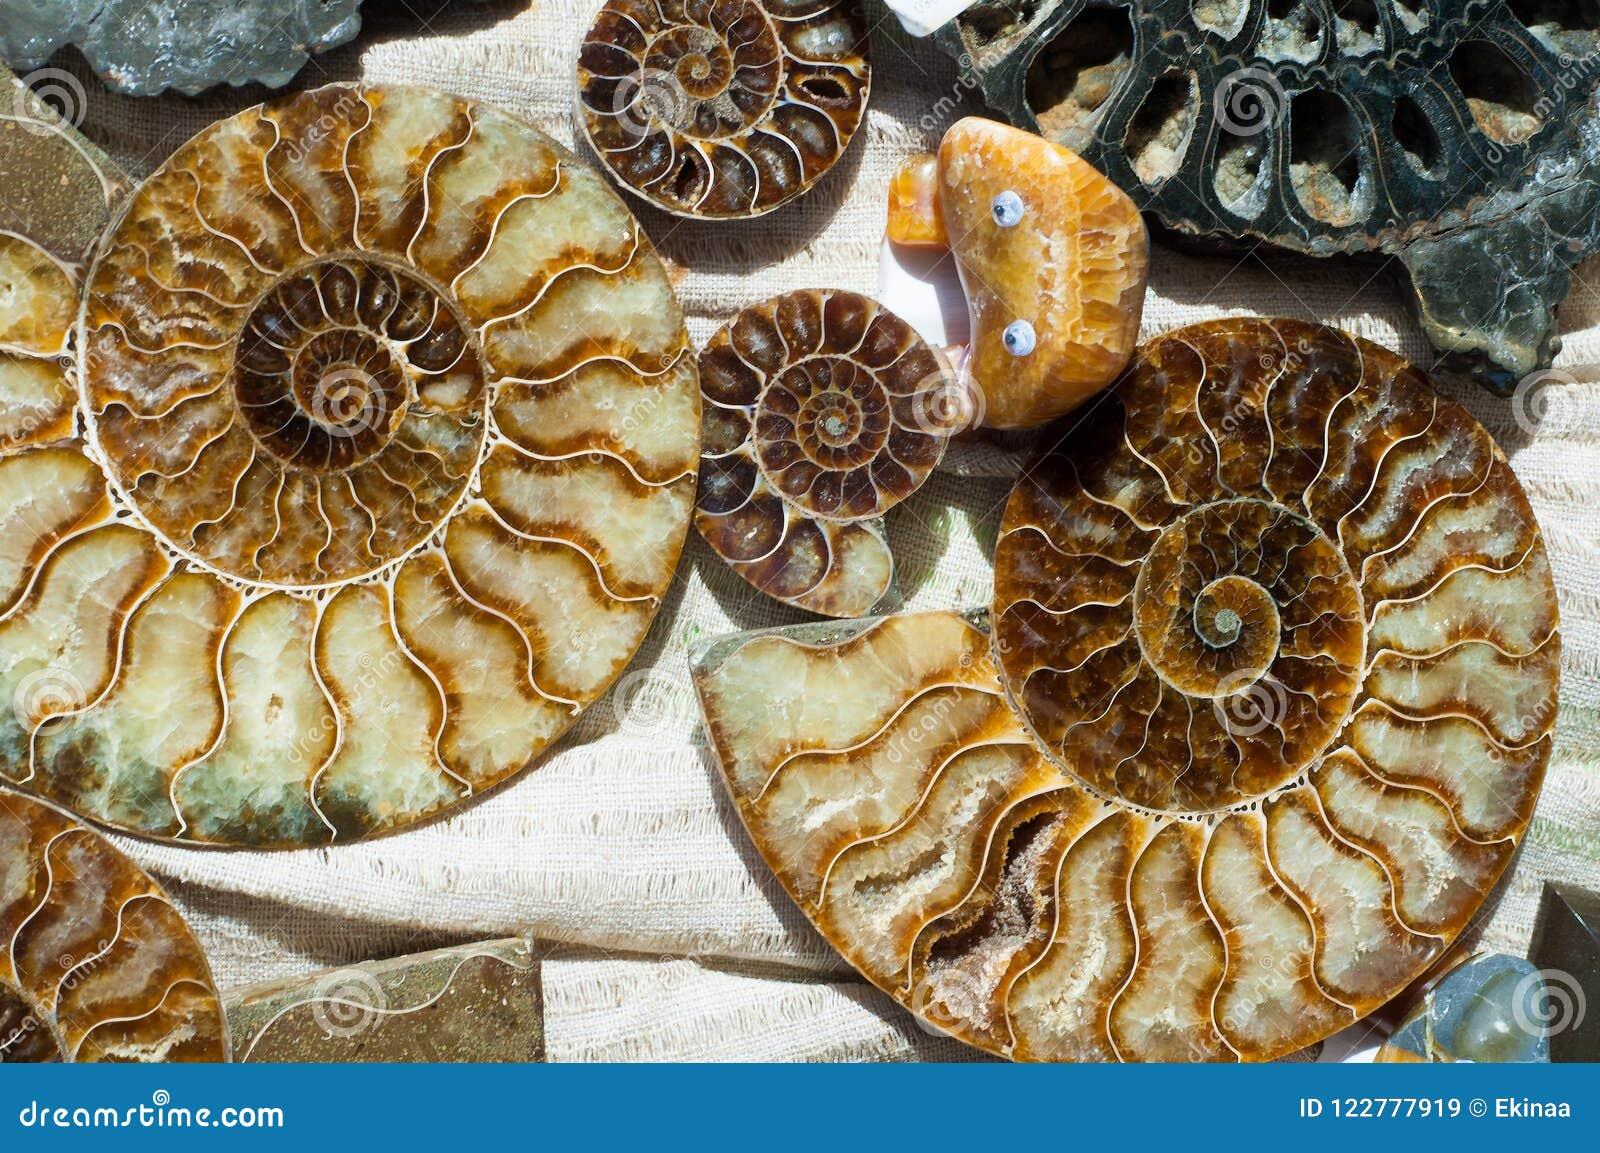 Versteinert bleibt vom Meeresflora und -fauna die Überreste oder der Eindruck einer PR